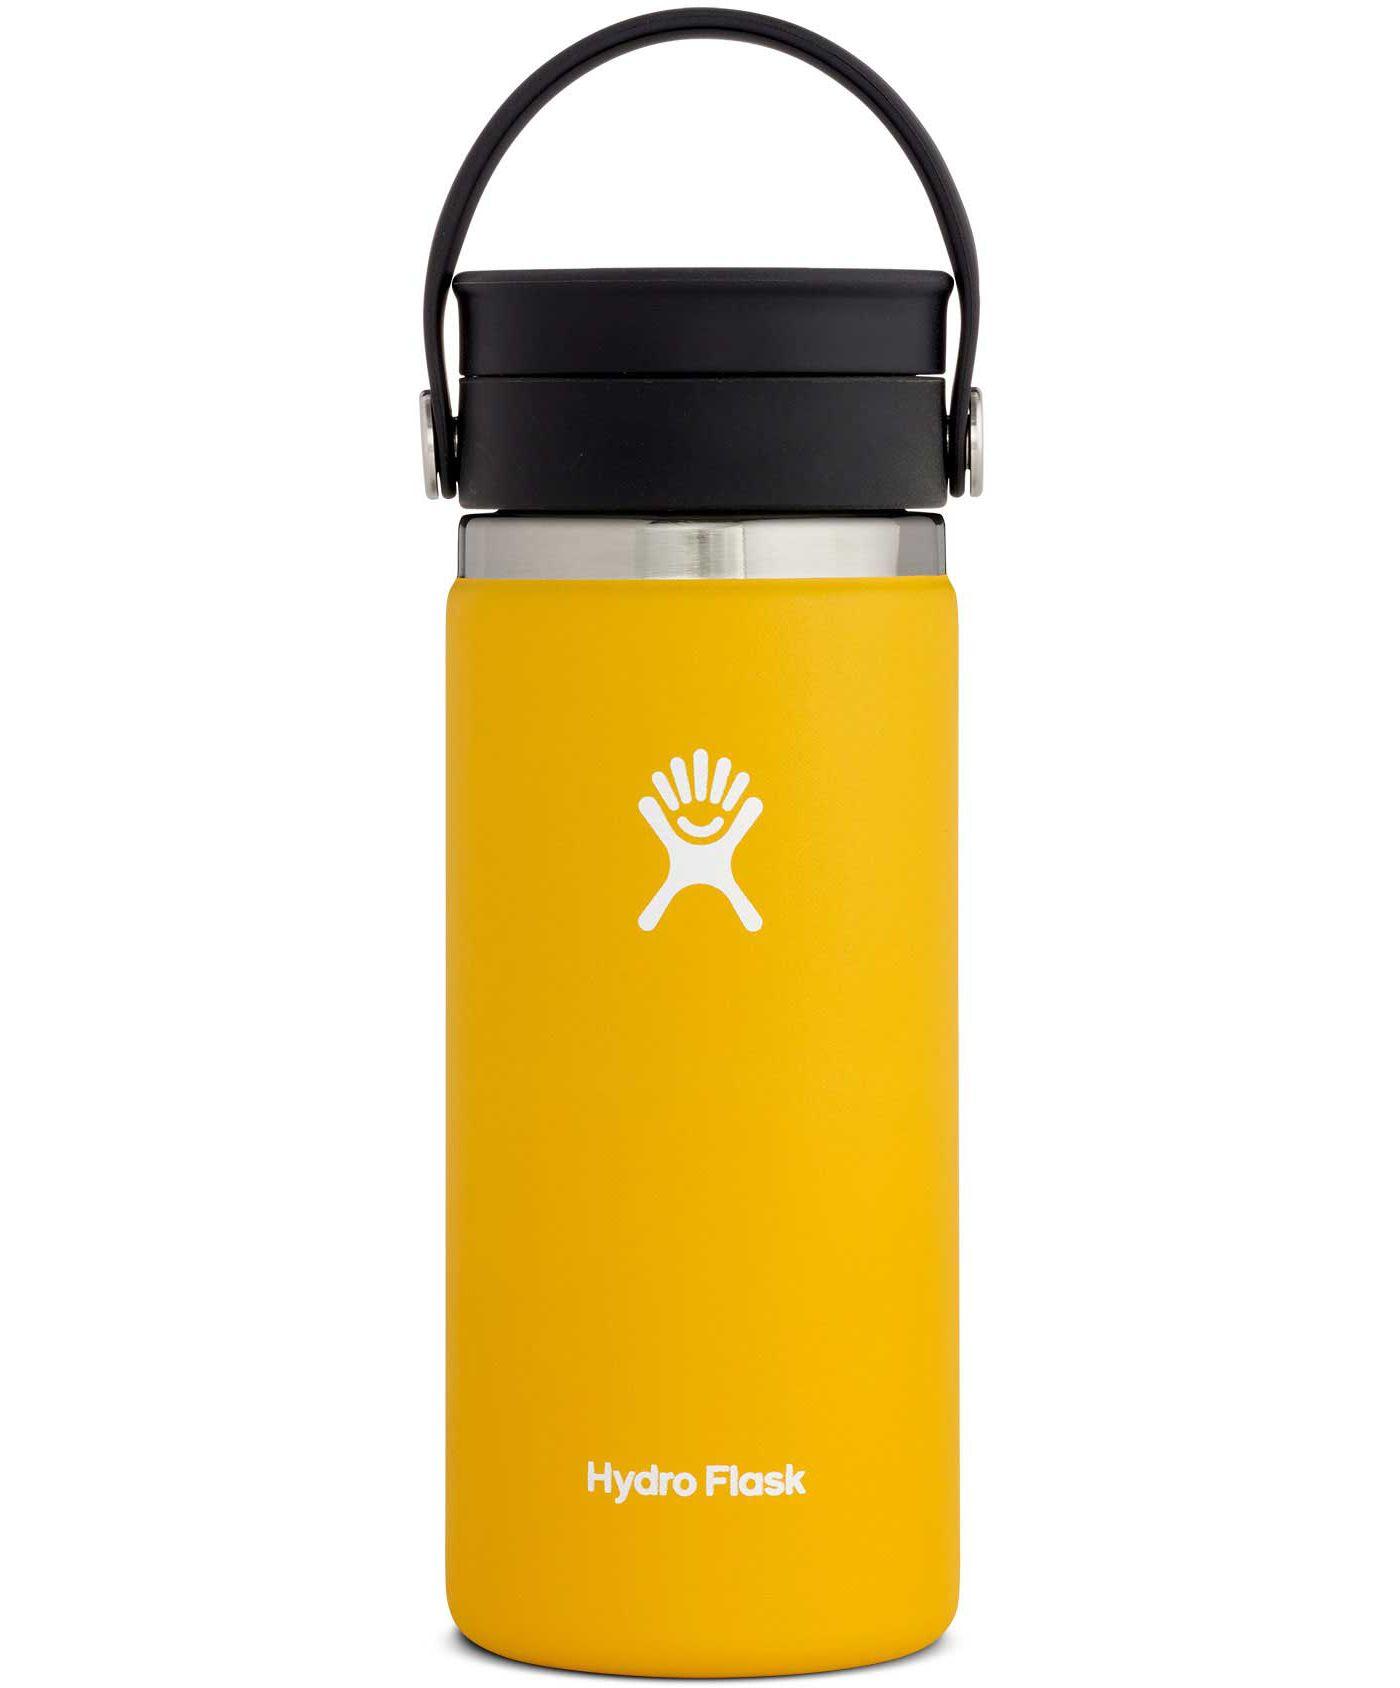 Hydro Flask Flex Sip 16 oz. Bottle